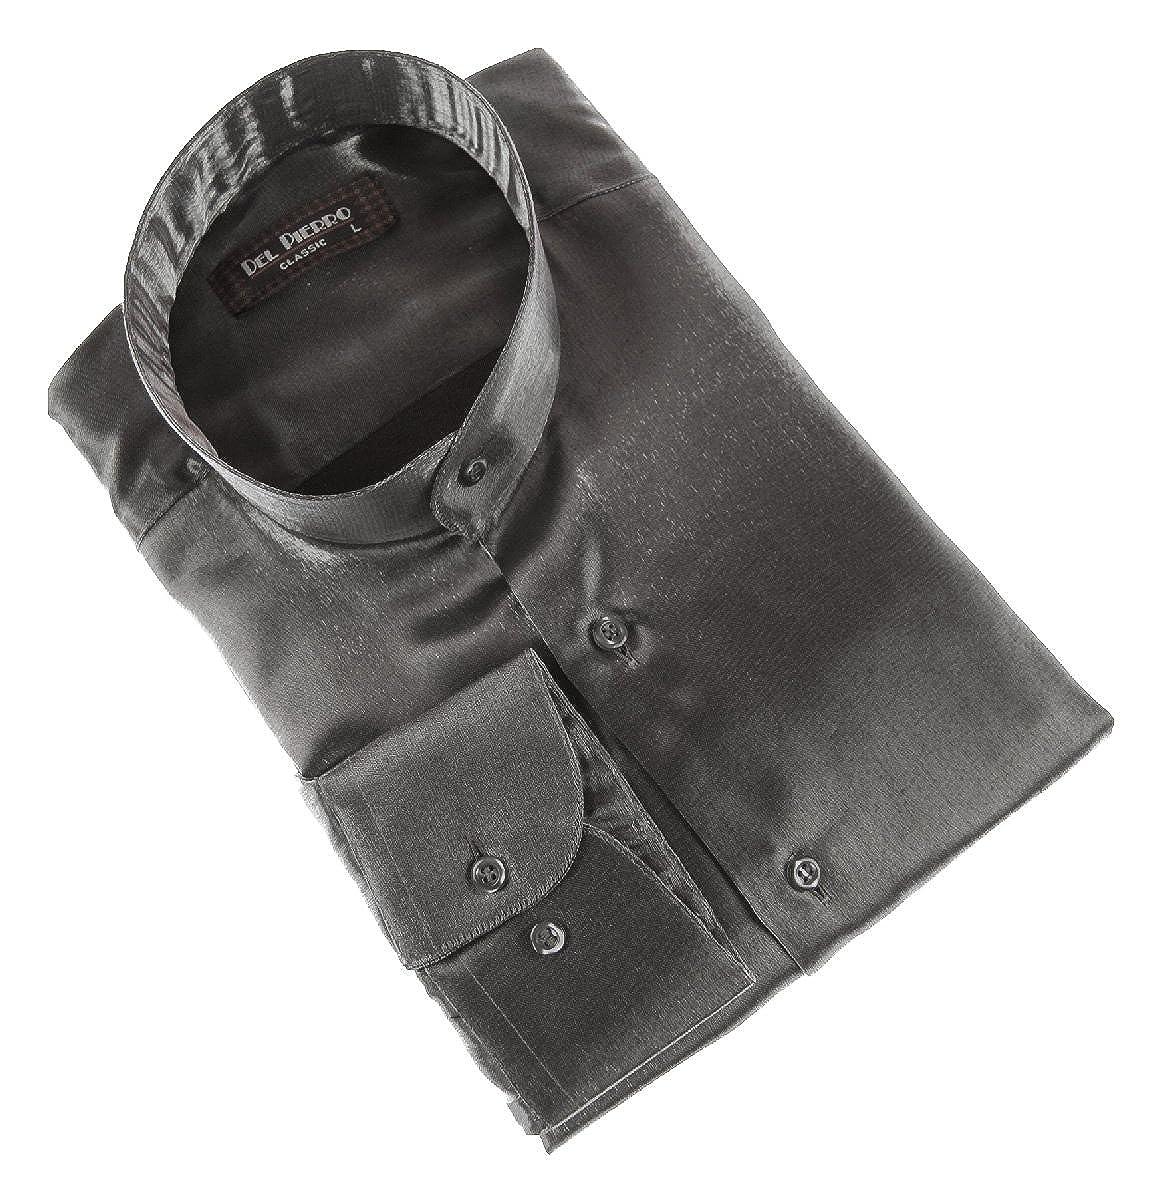 Designer Herren Glanz Hemd Stehkragen Bügelfrei Herrenhemd Schwarz Weiß Rot  Blau Silber Satin Look Glanzhemd Stehkragenhemd  Amazon.de  Bekleidung 2f4f8c6f38